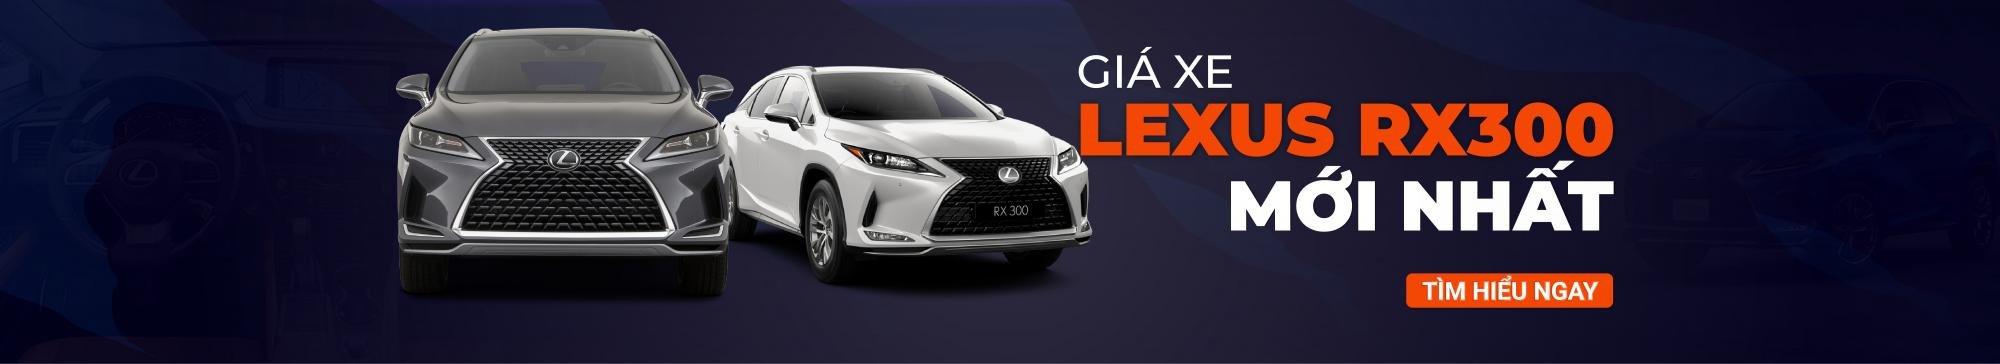 Giá xe Lexus RX300 mới nhất